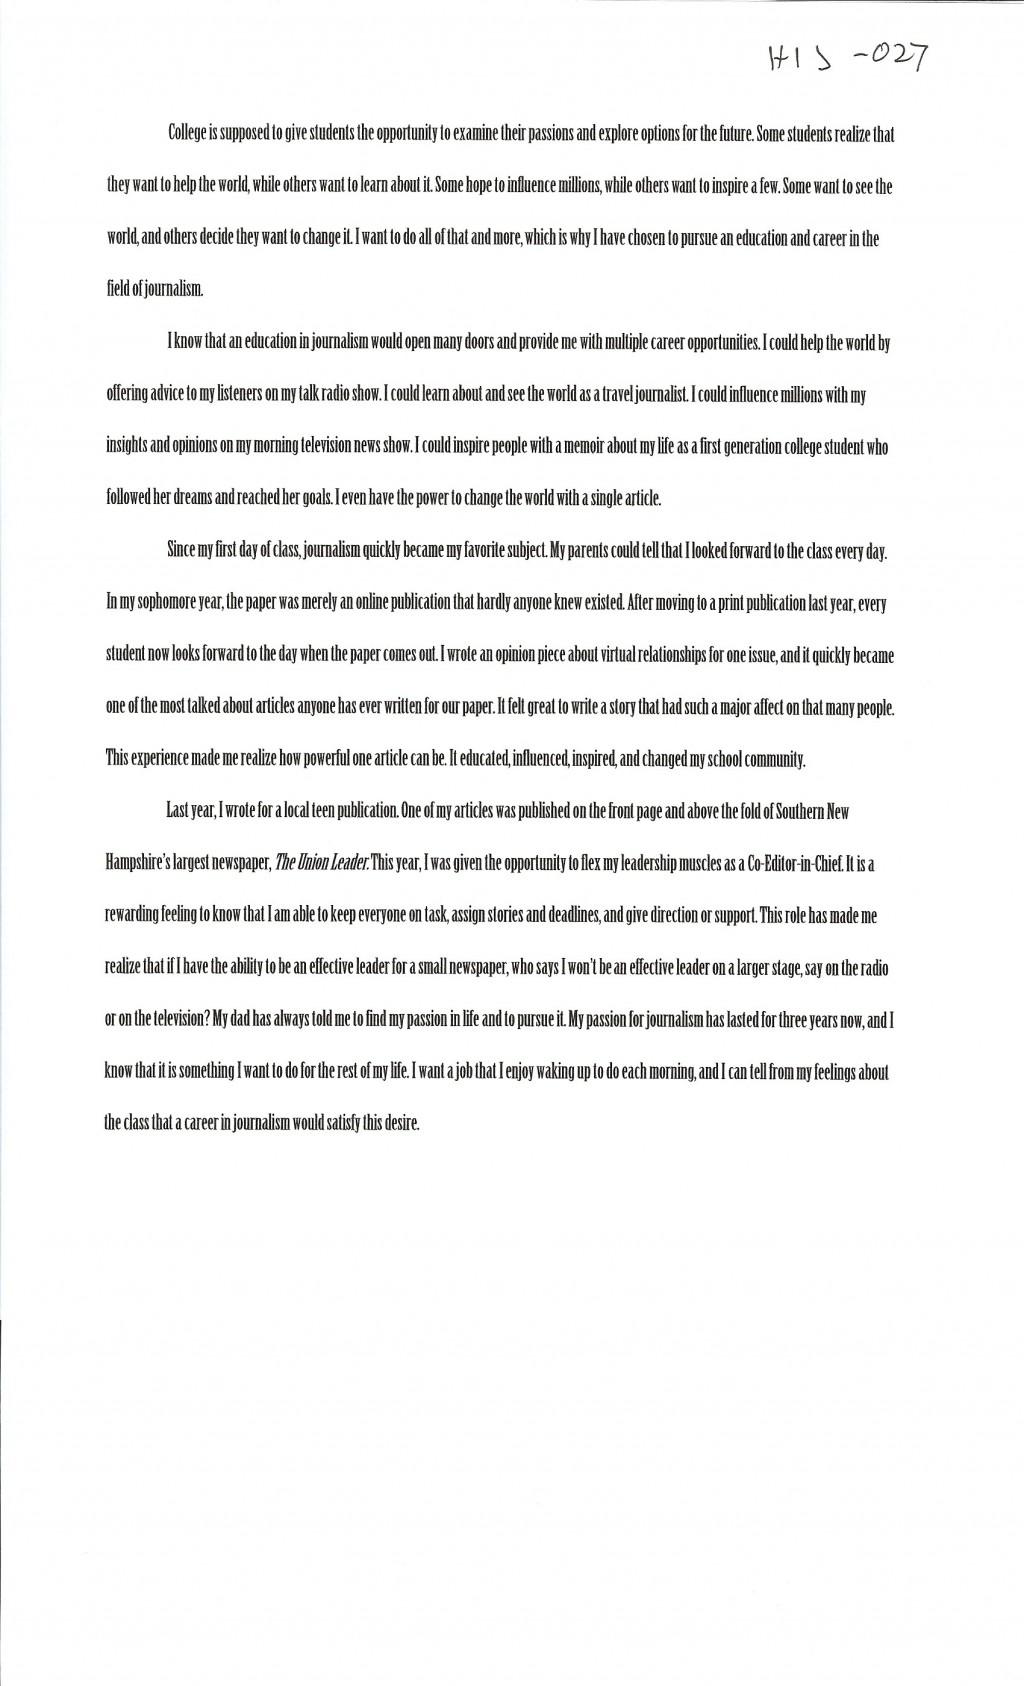 001 Essay Example Alexa Serrecchia Questbridge Stirring Essays Examples Finalist National College Match Prompts Large